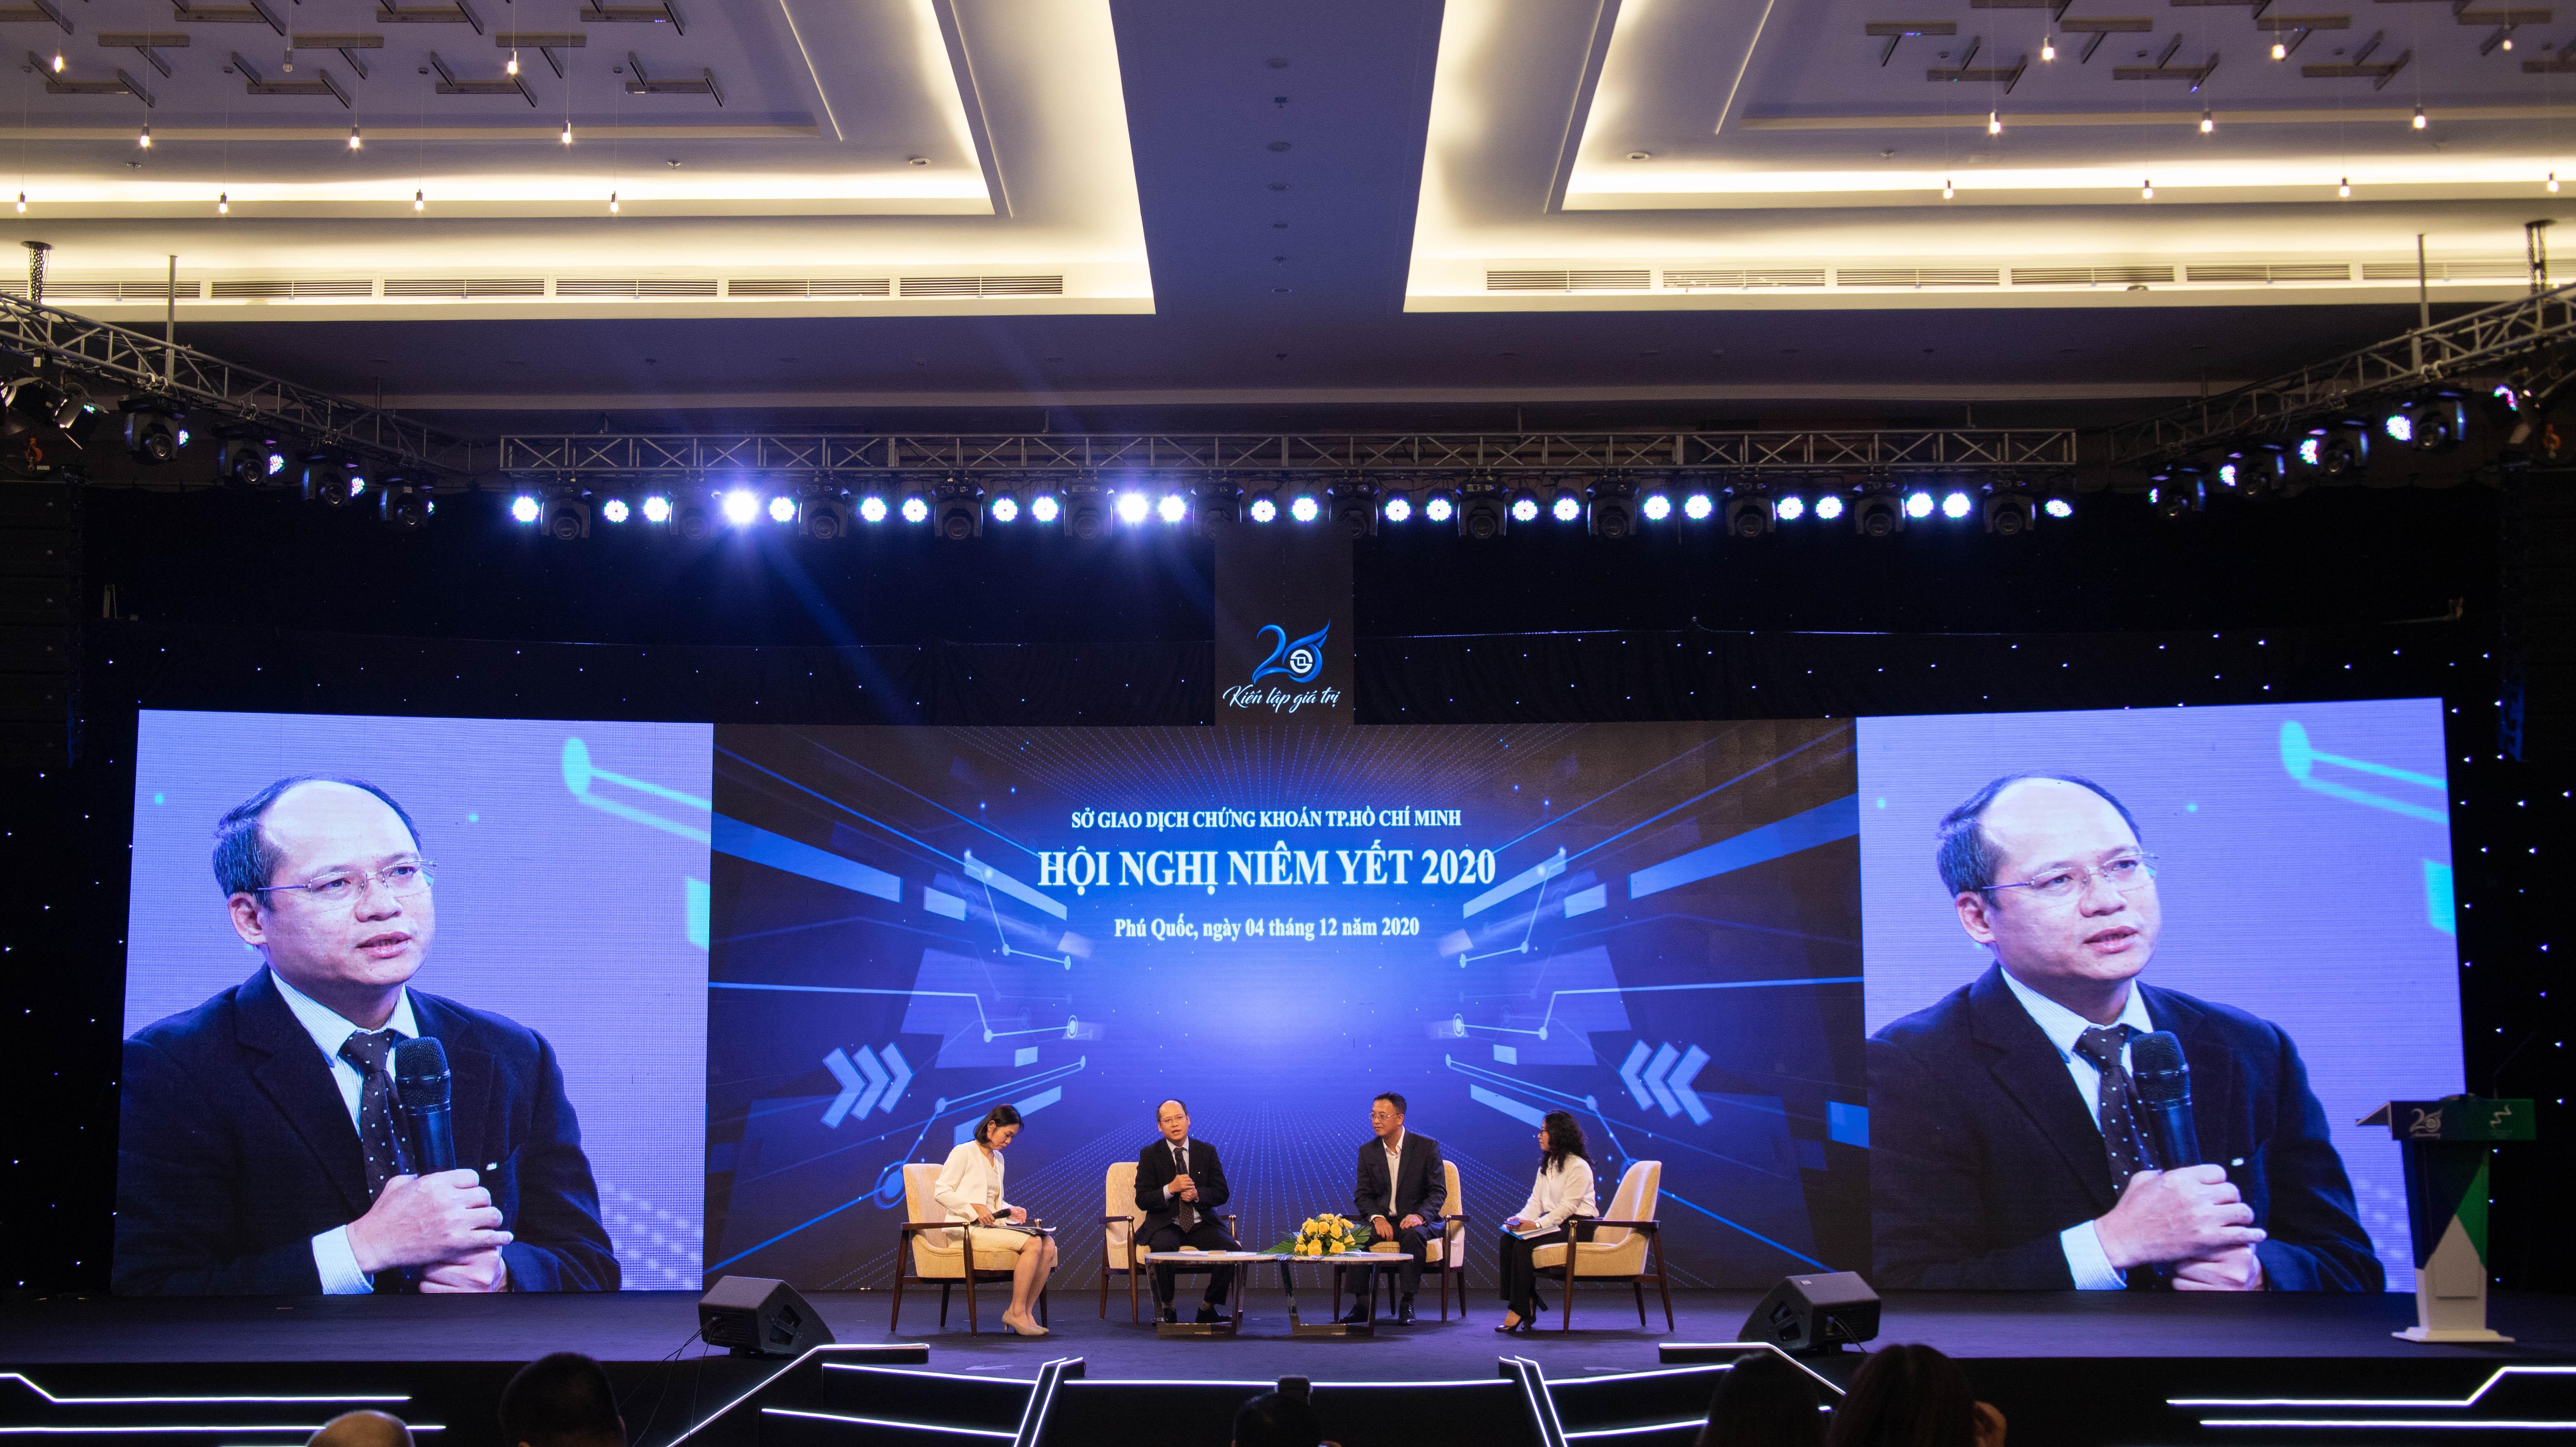 https://www.aravietnam.vn/wp-content/uploads/2020/12/IMG_8578.jpg